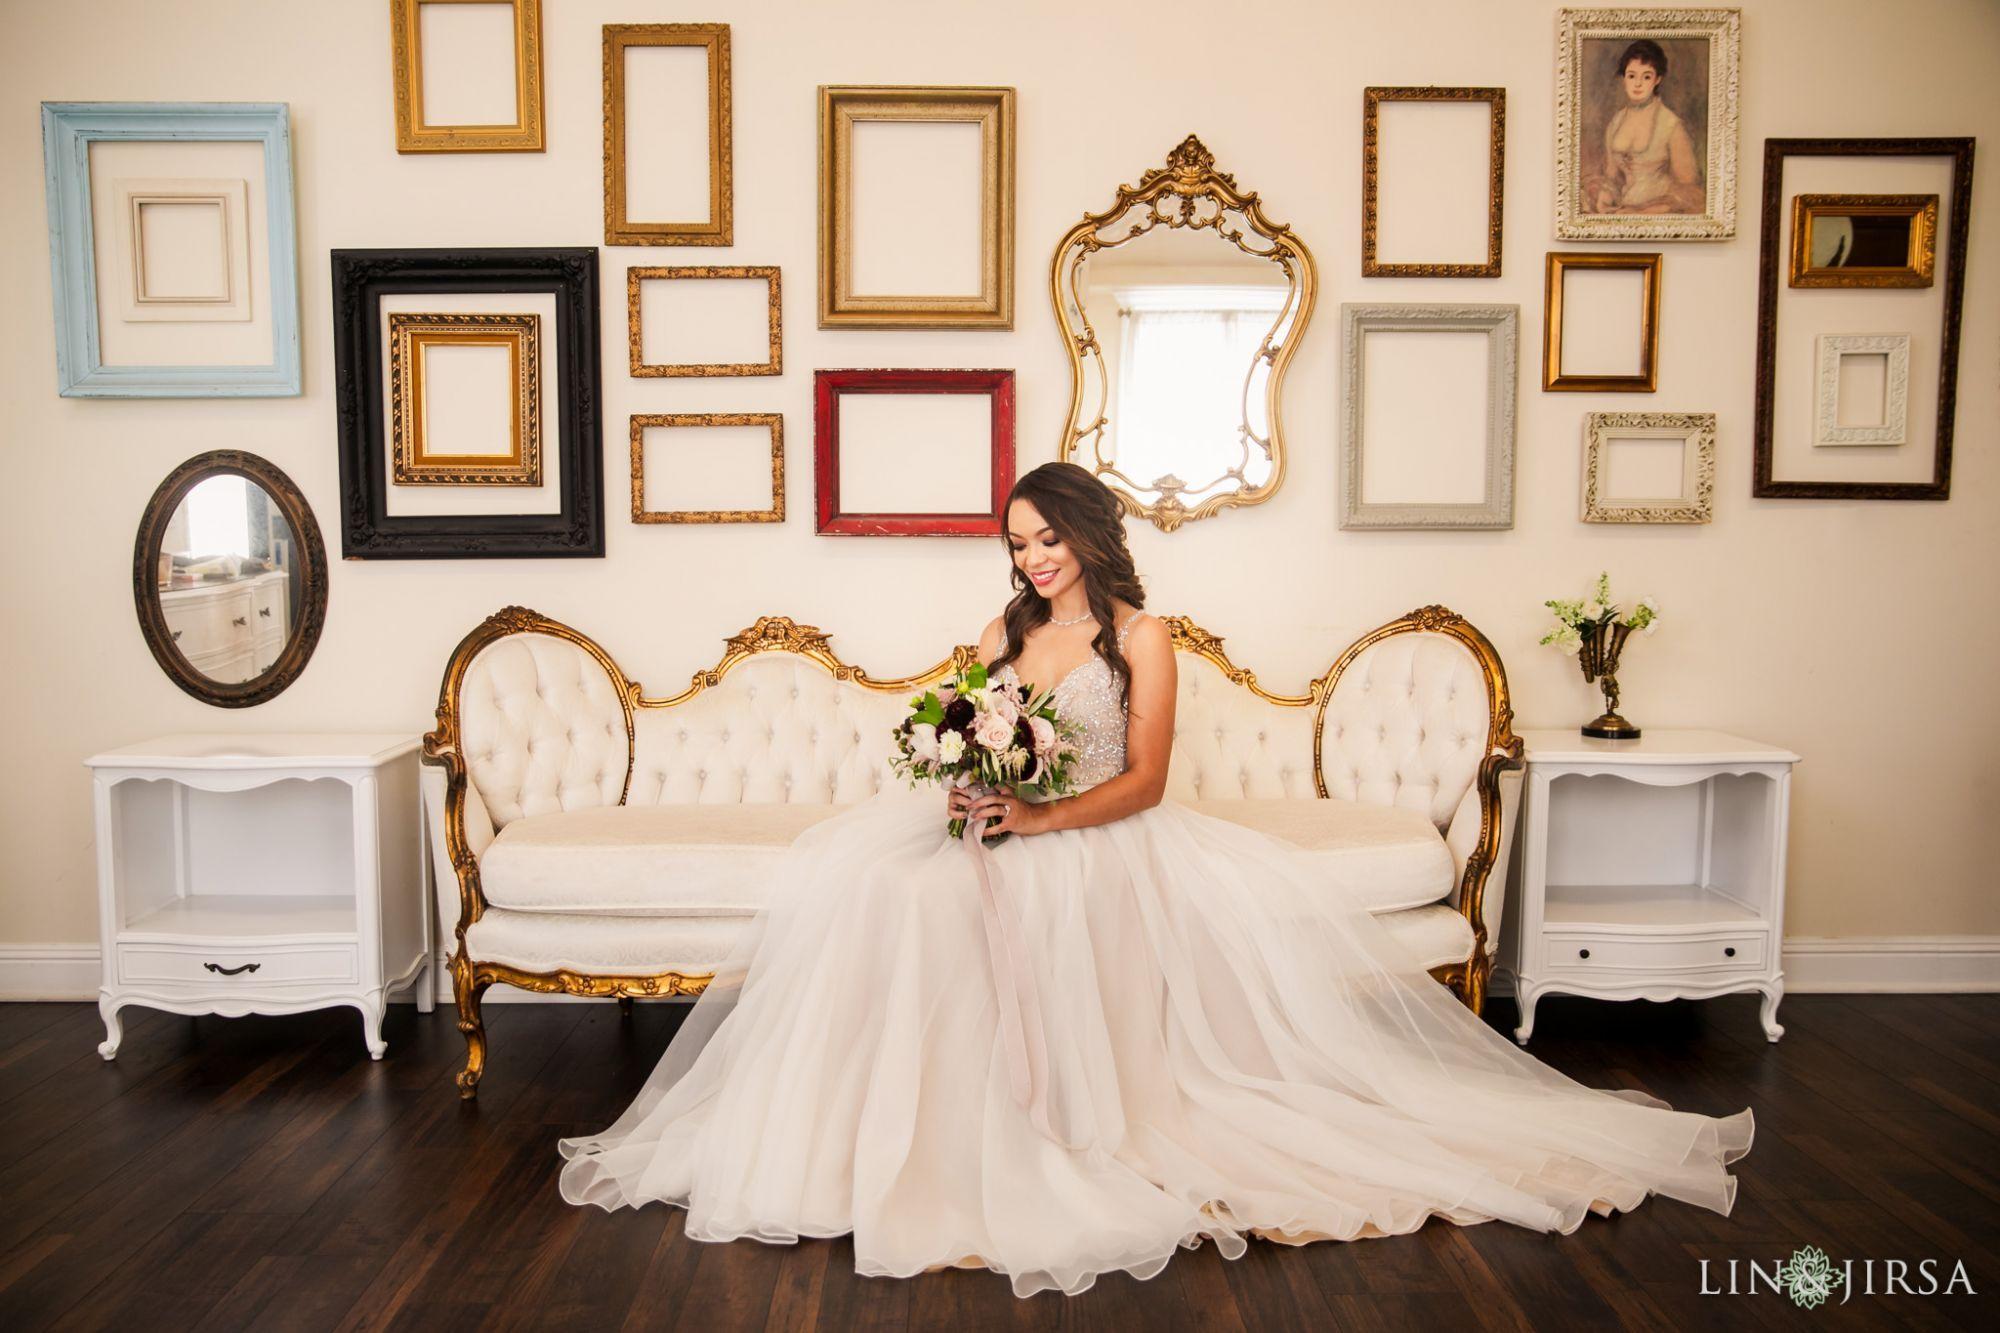 Long beach wedding photographer   the loft on pine long beach wedding photography  The Loft on